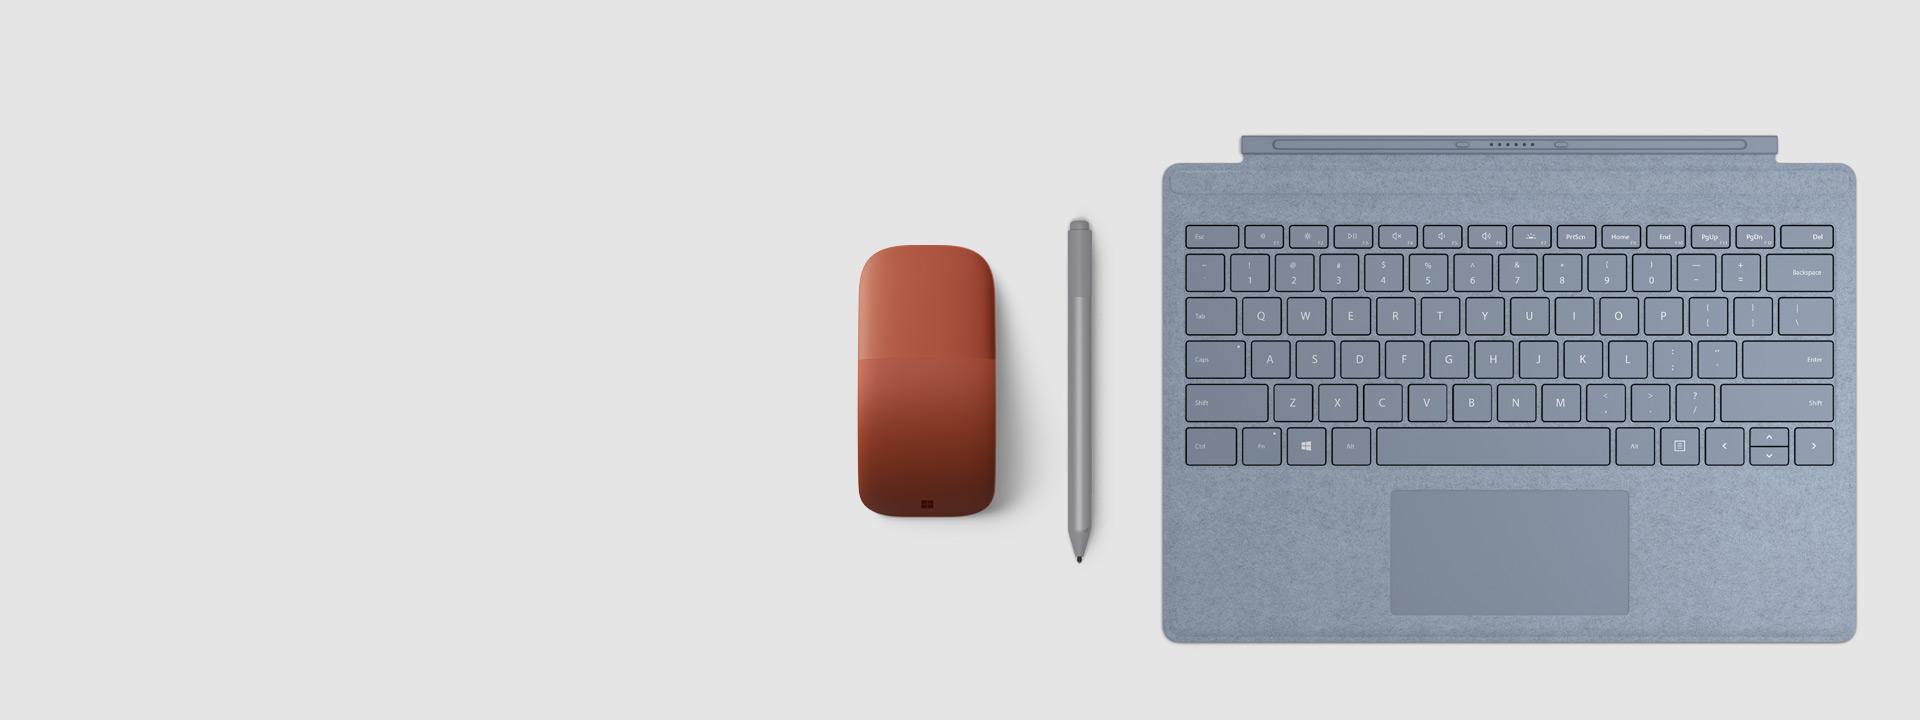 Surface-toll, Surface Signature Type Cover és Surface Arc egér